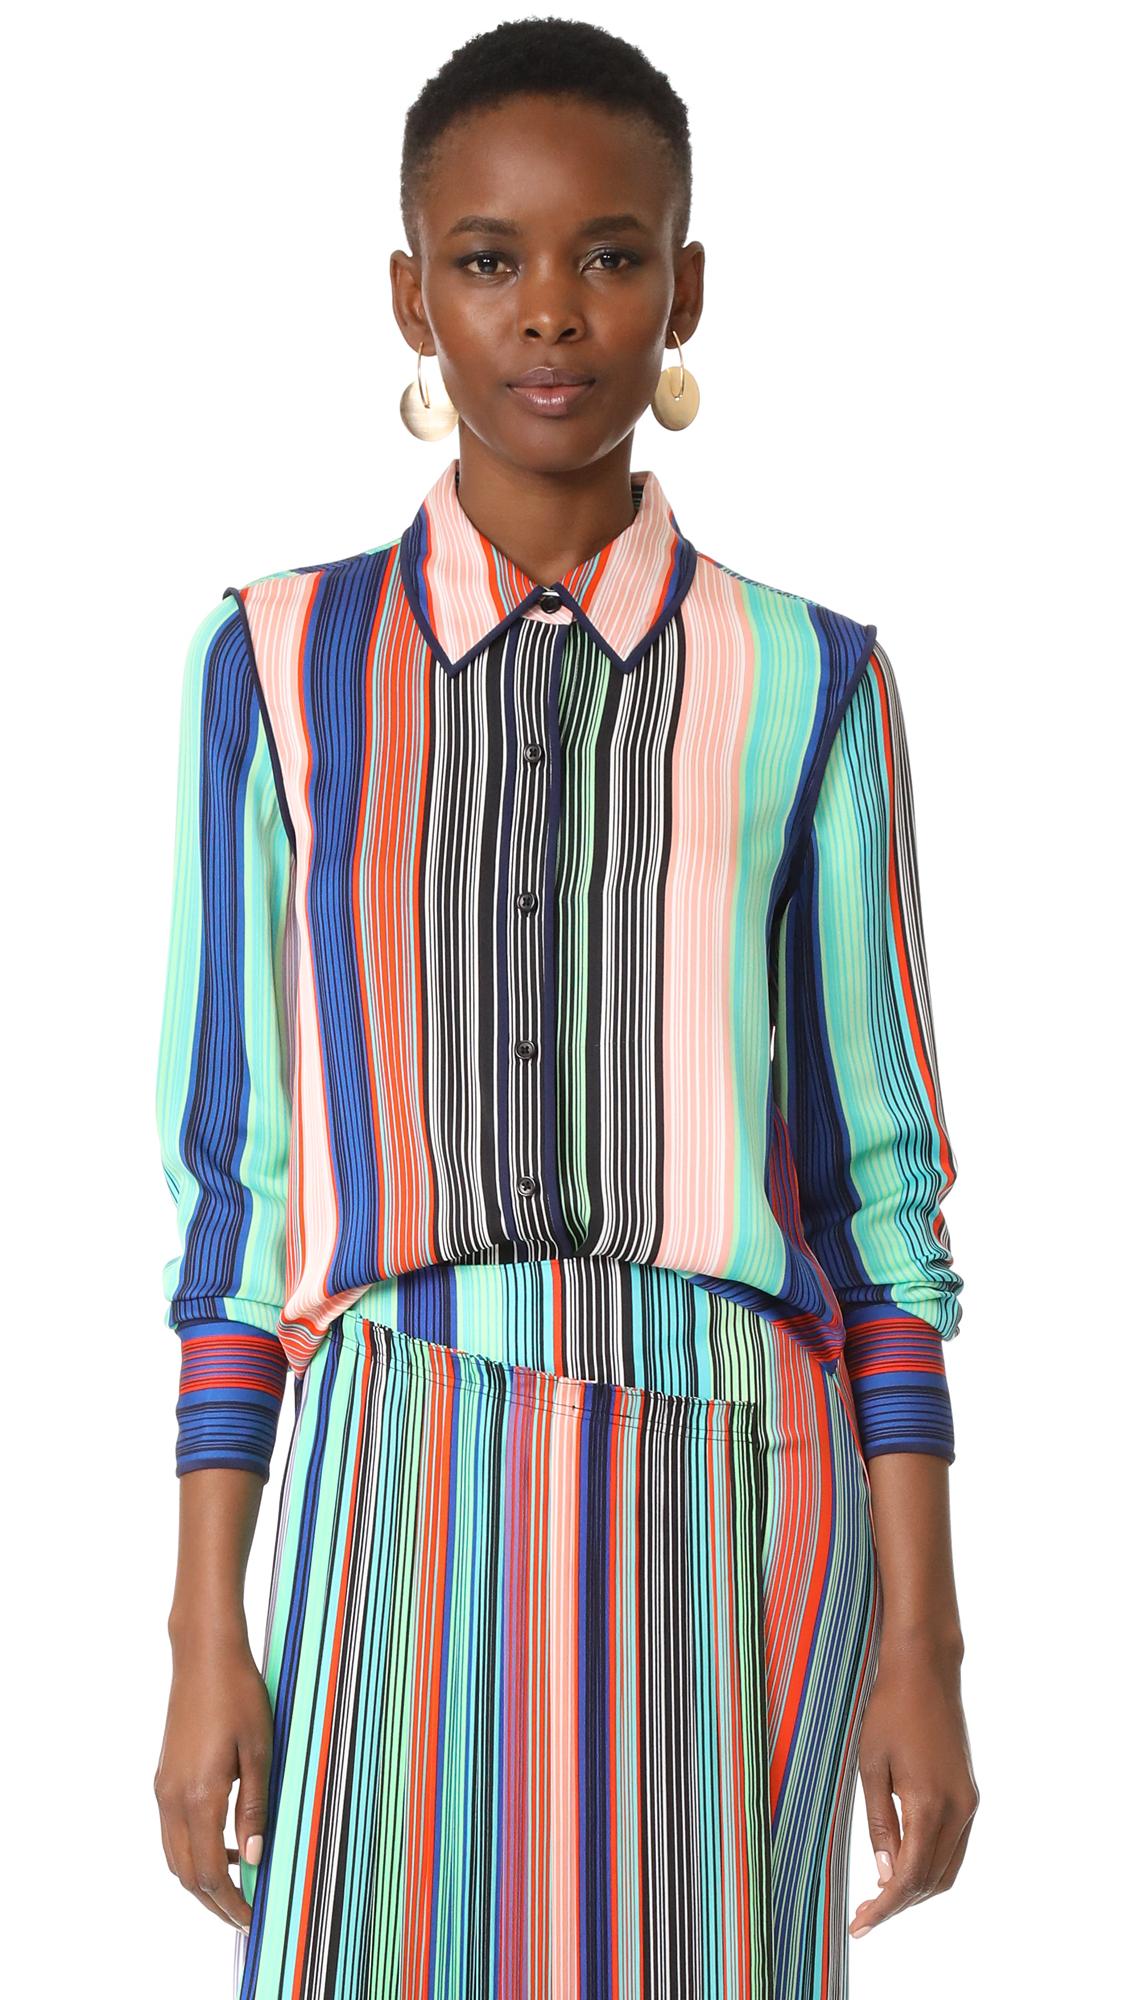 Diane von Furstenberg Collared Shirt - Burman Stripe Multi/Midnight